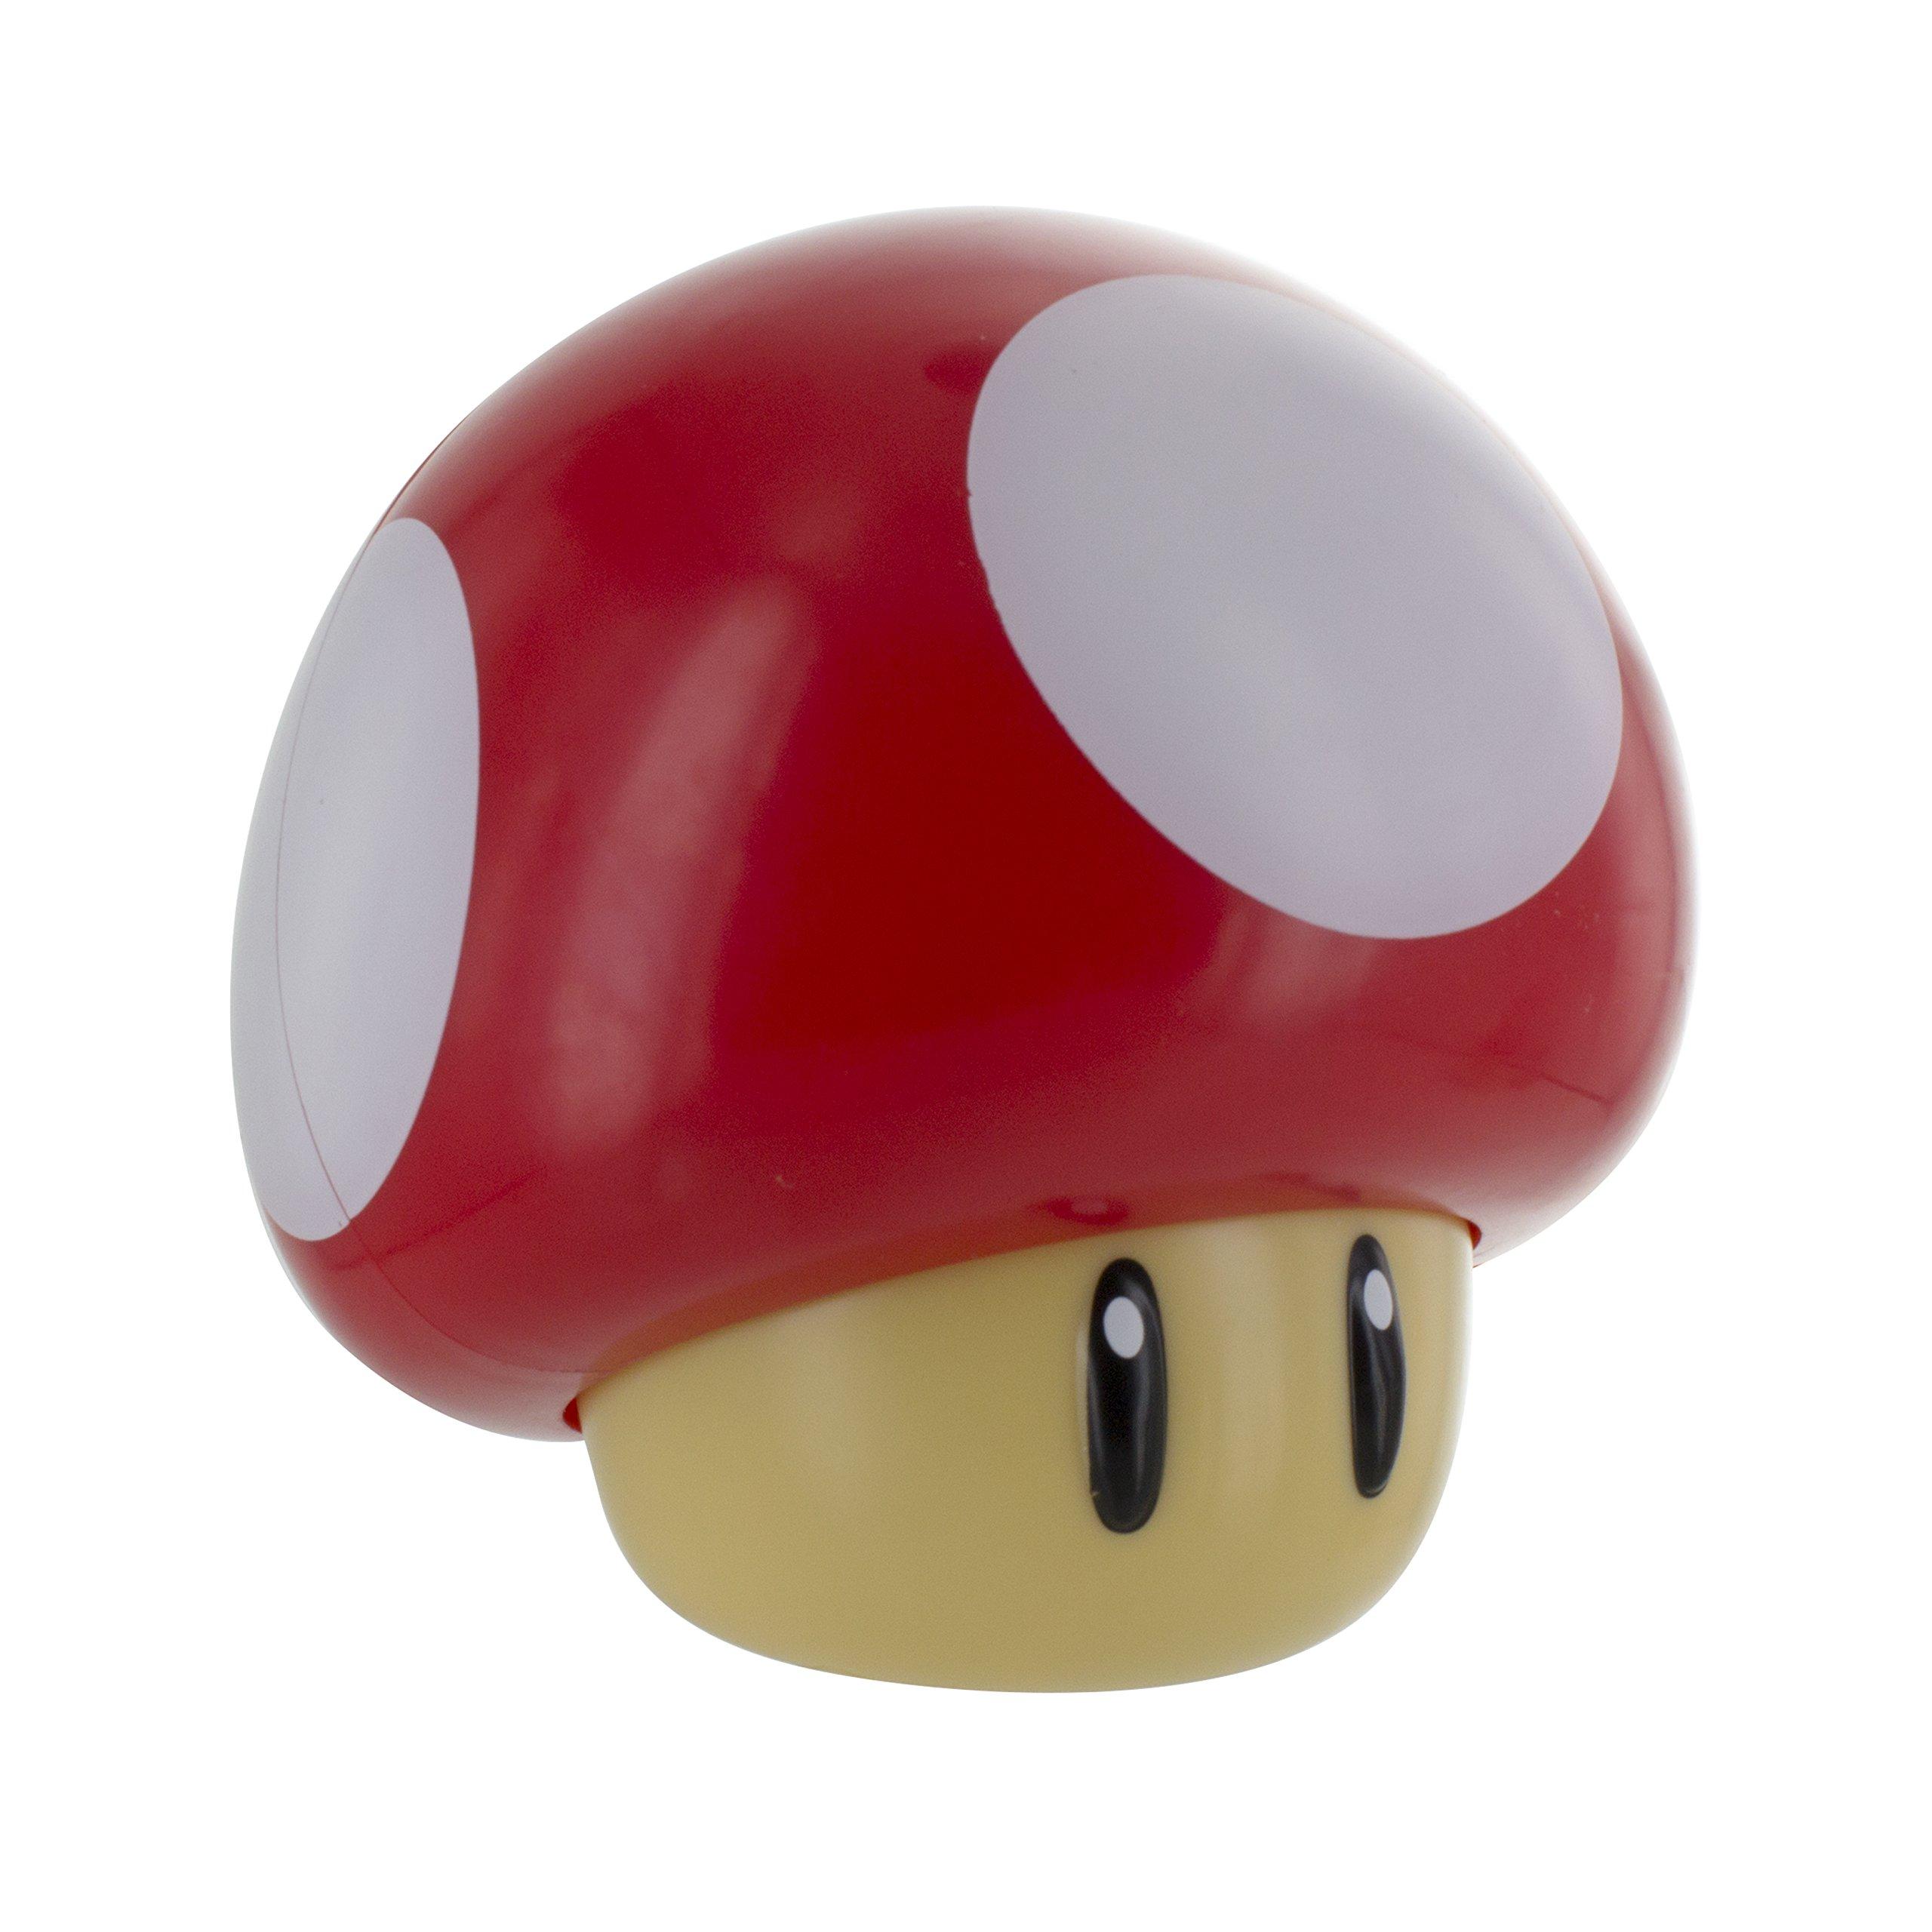 Super Mario Toad Mushroom Table Lamp - Night Light